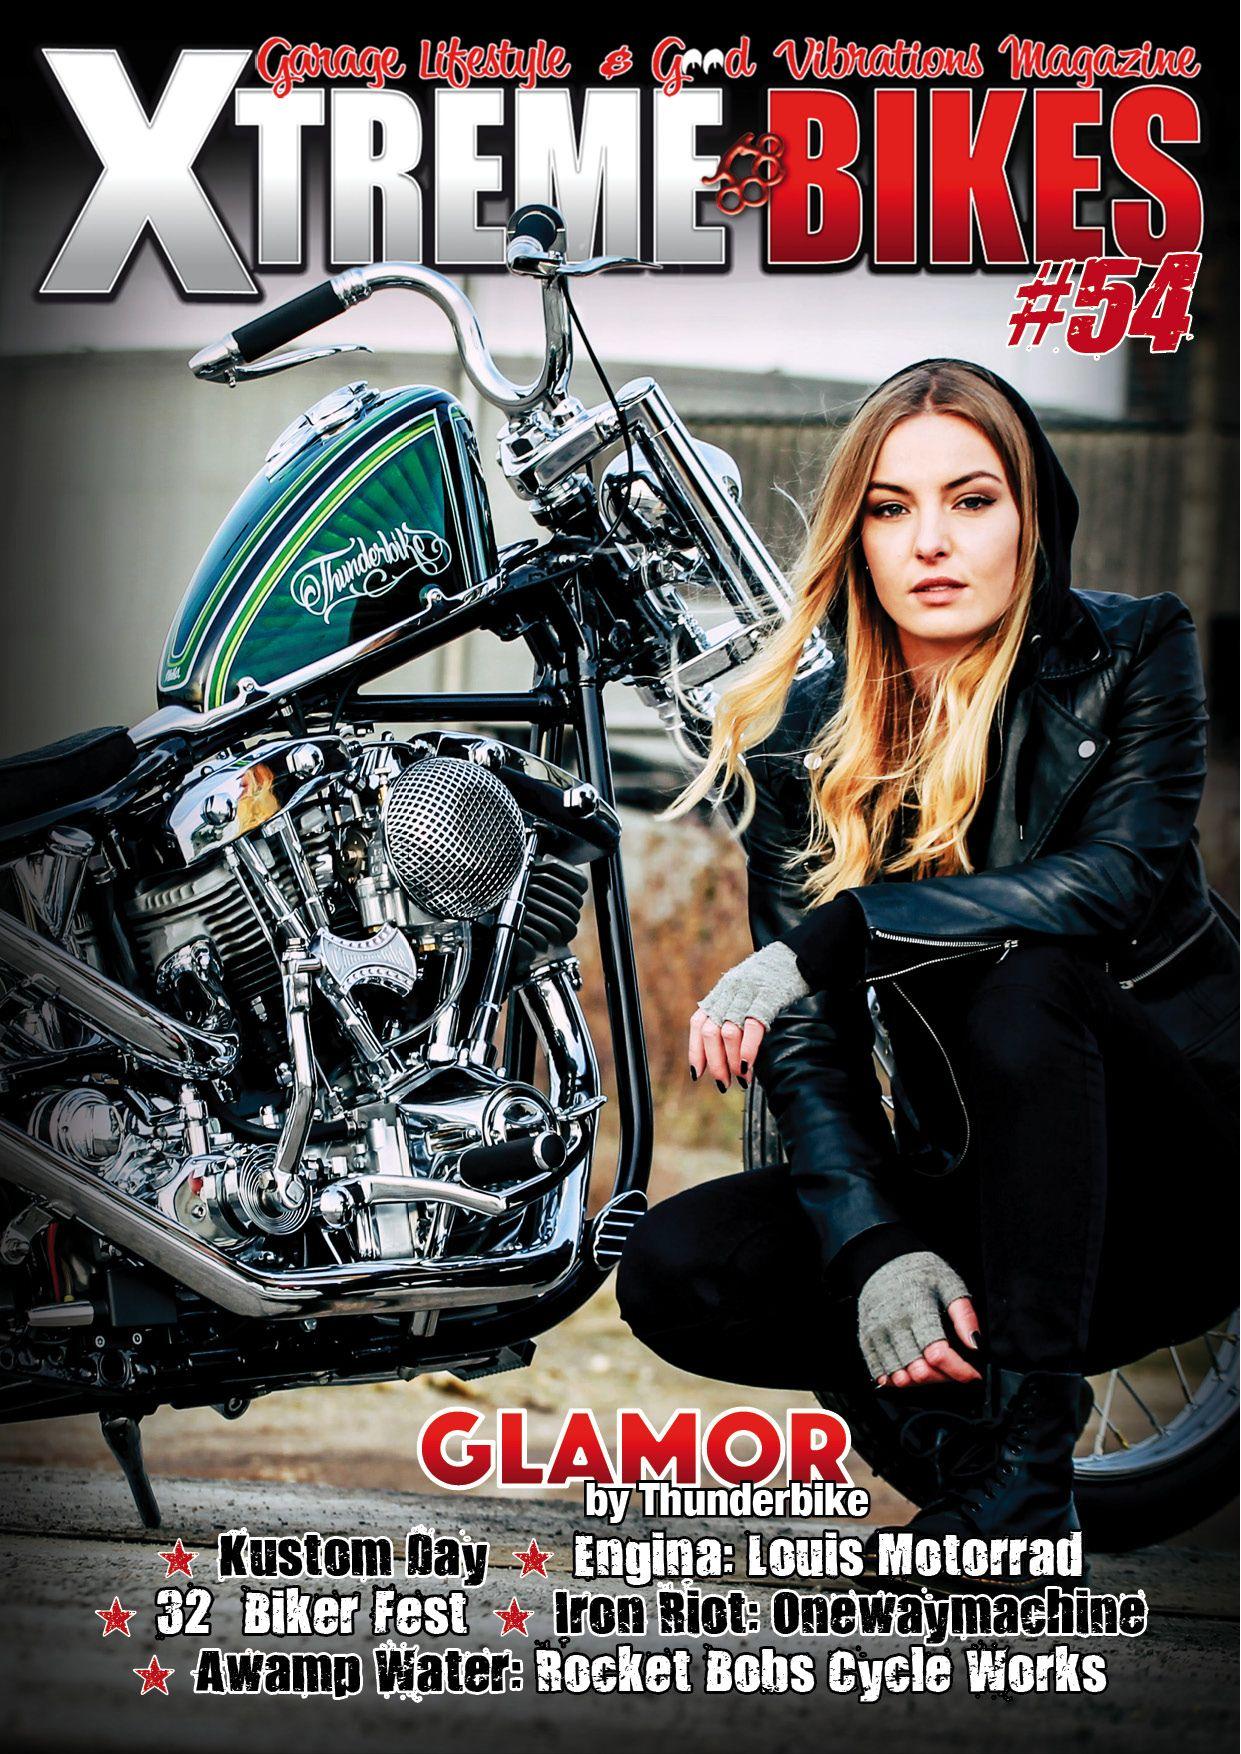 Xtreme Bikes #54